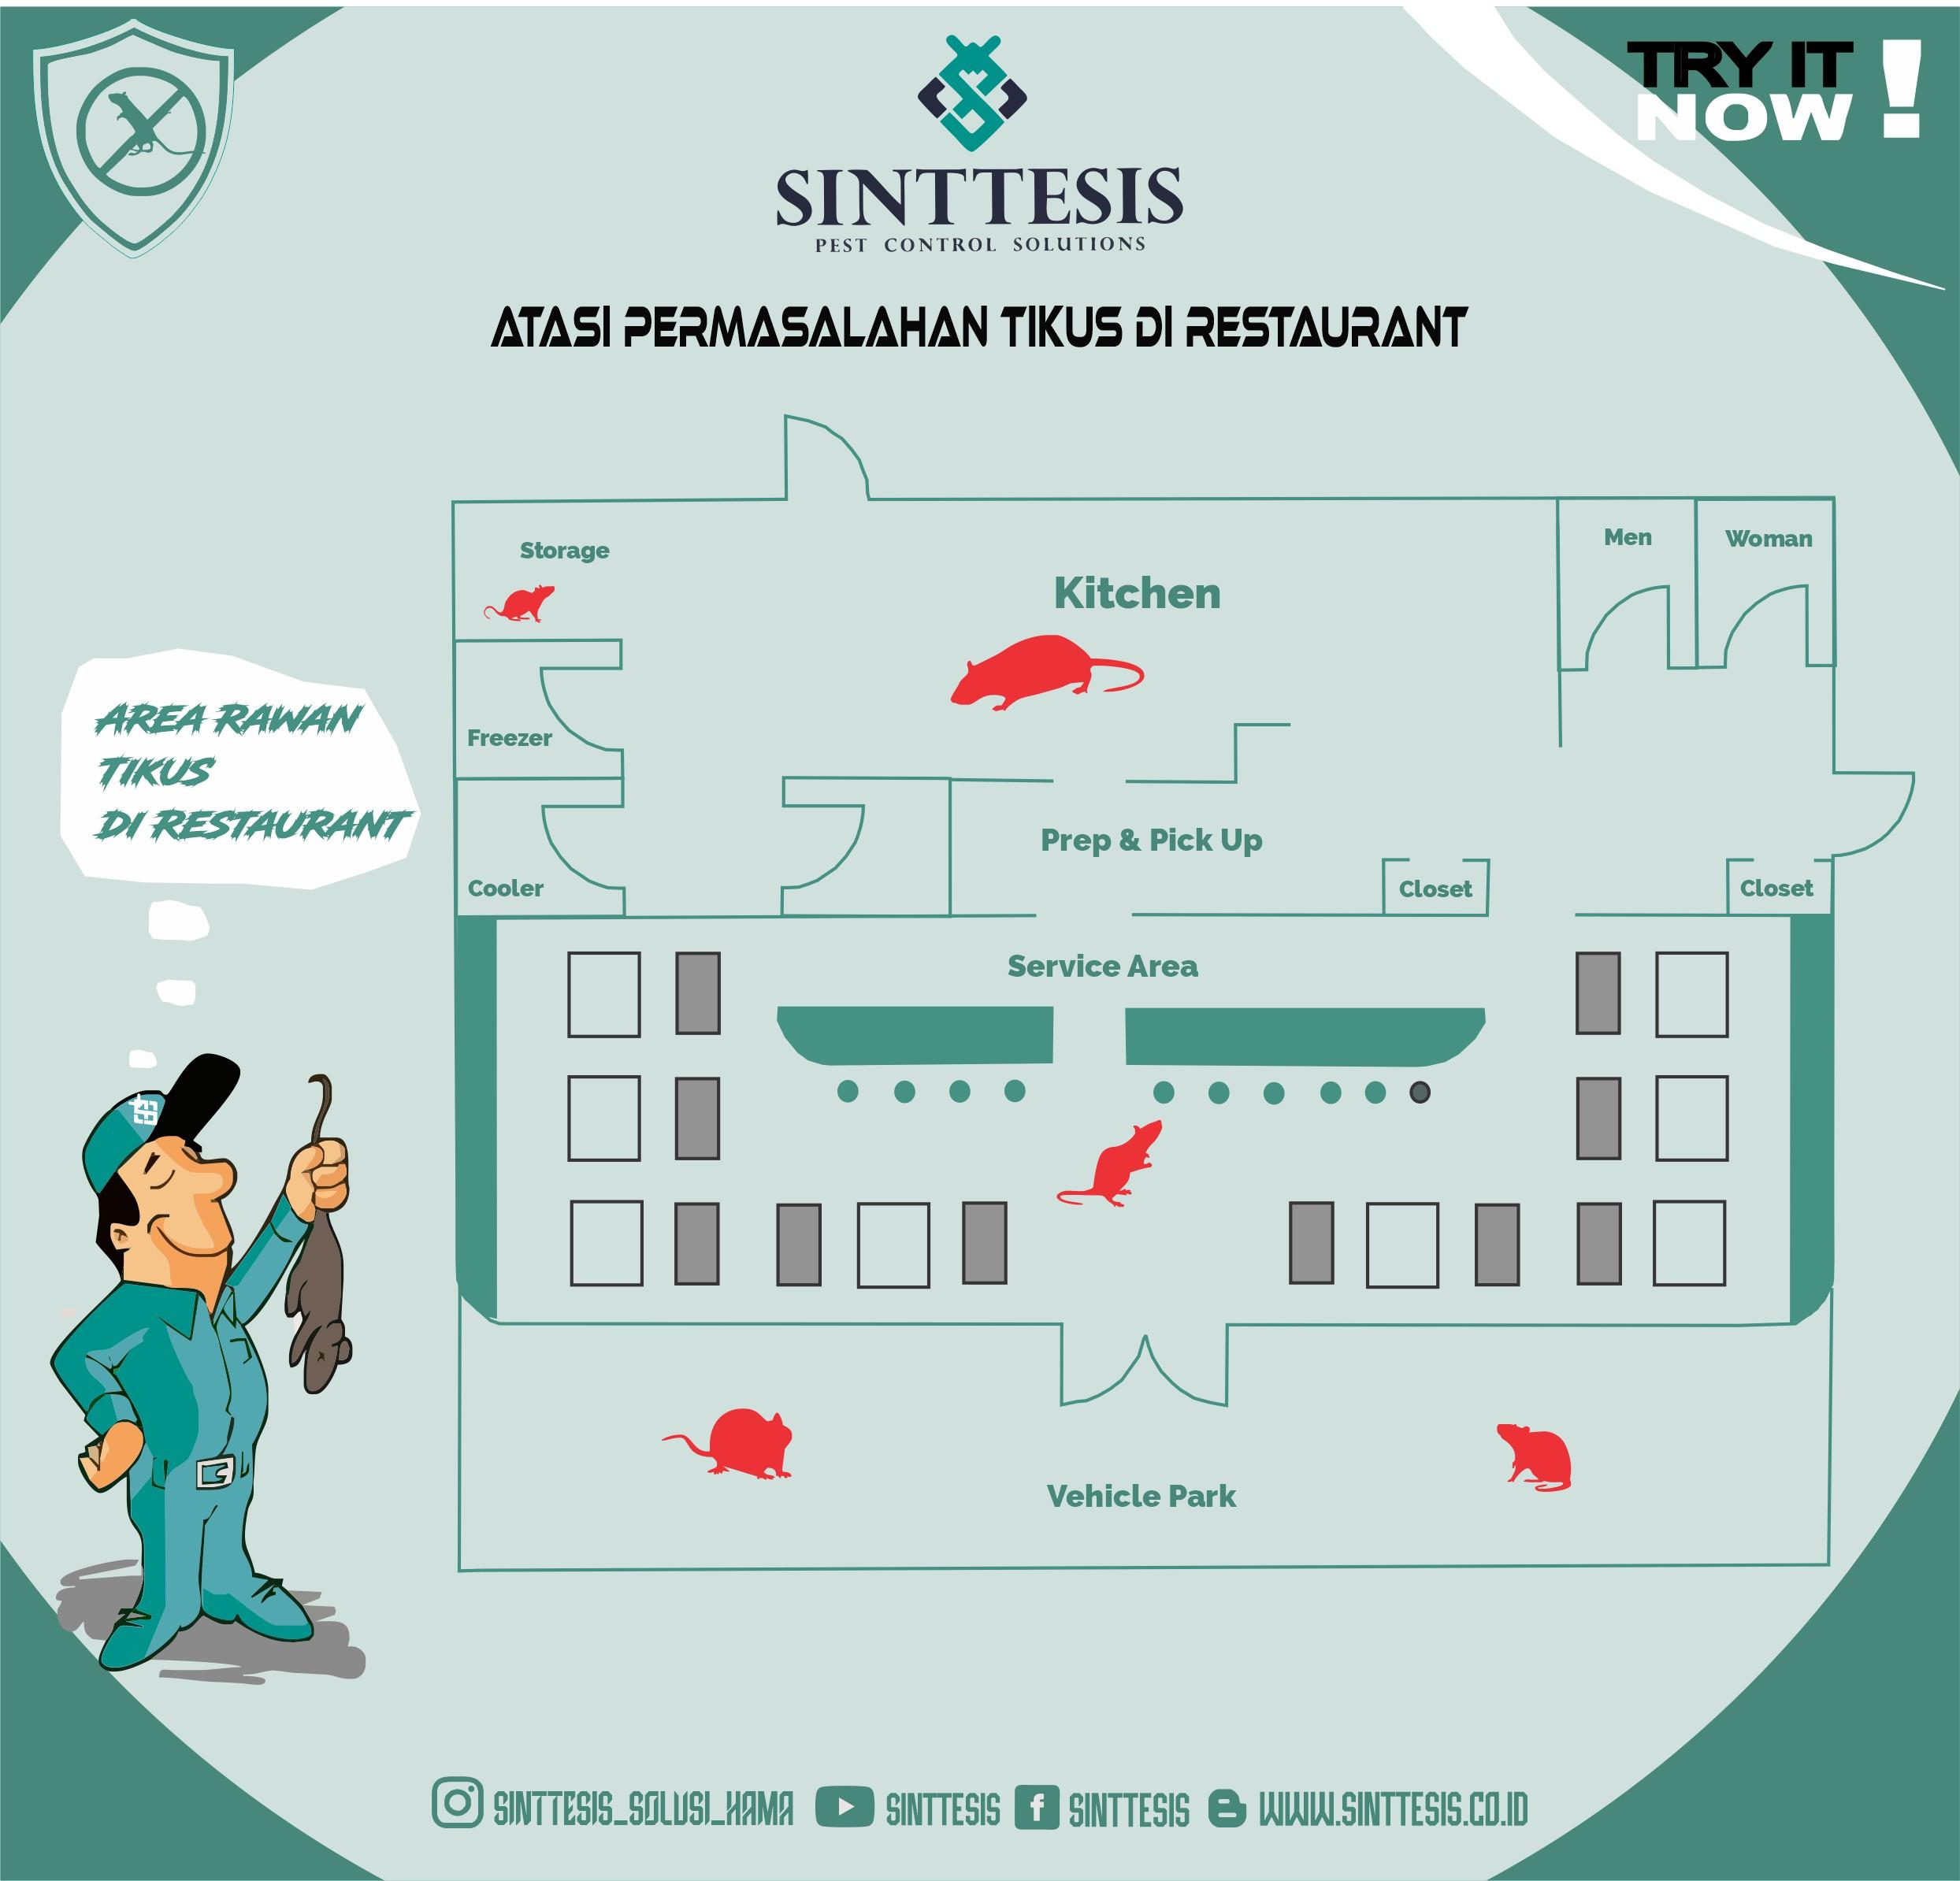 Permasalahan Tikus di Restaurant